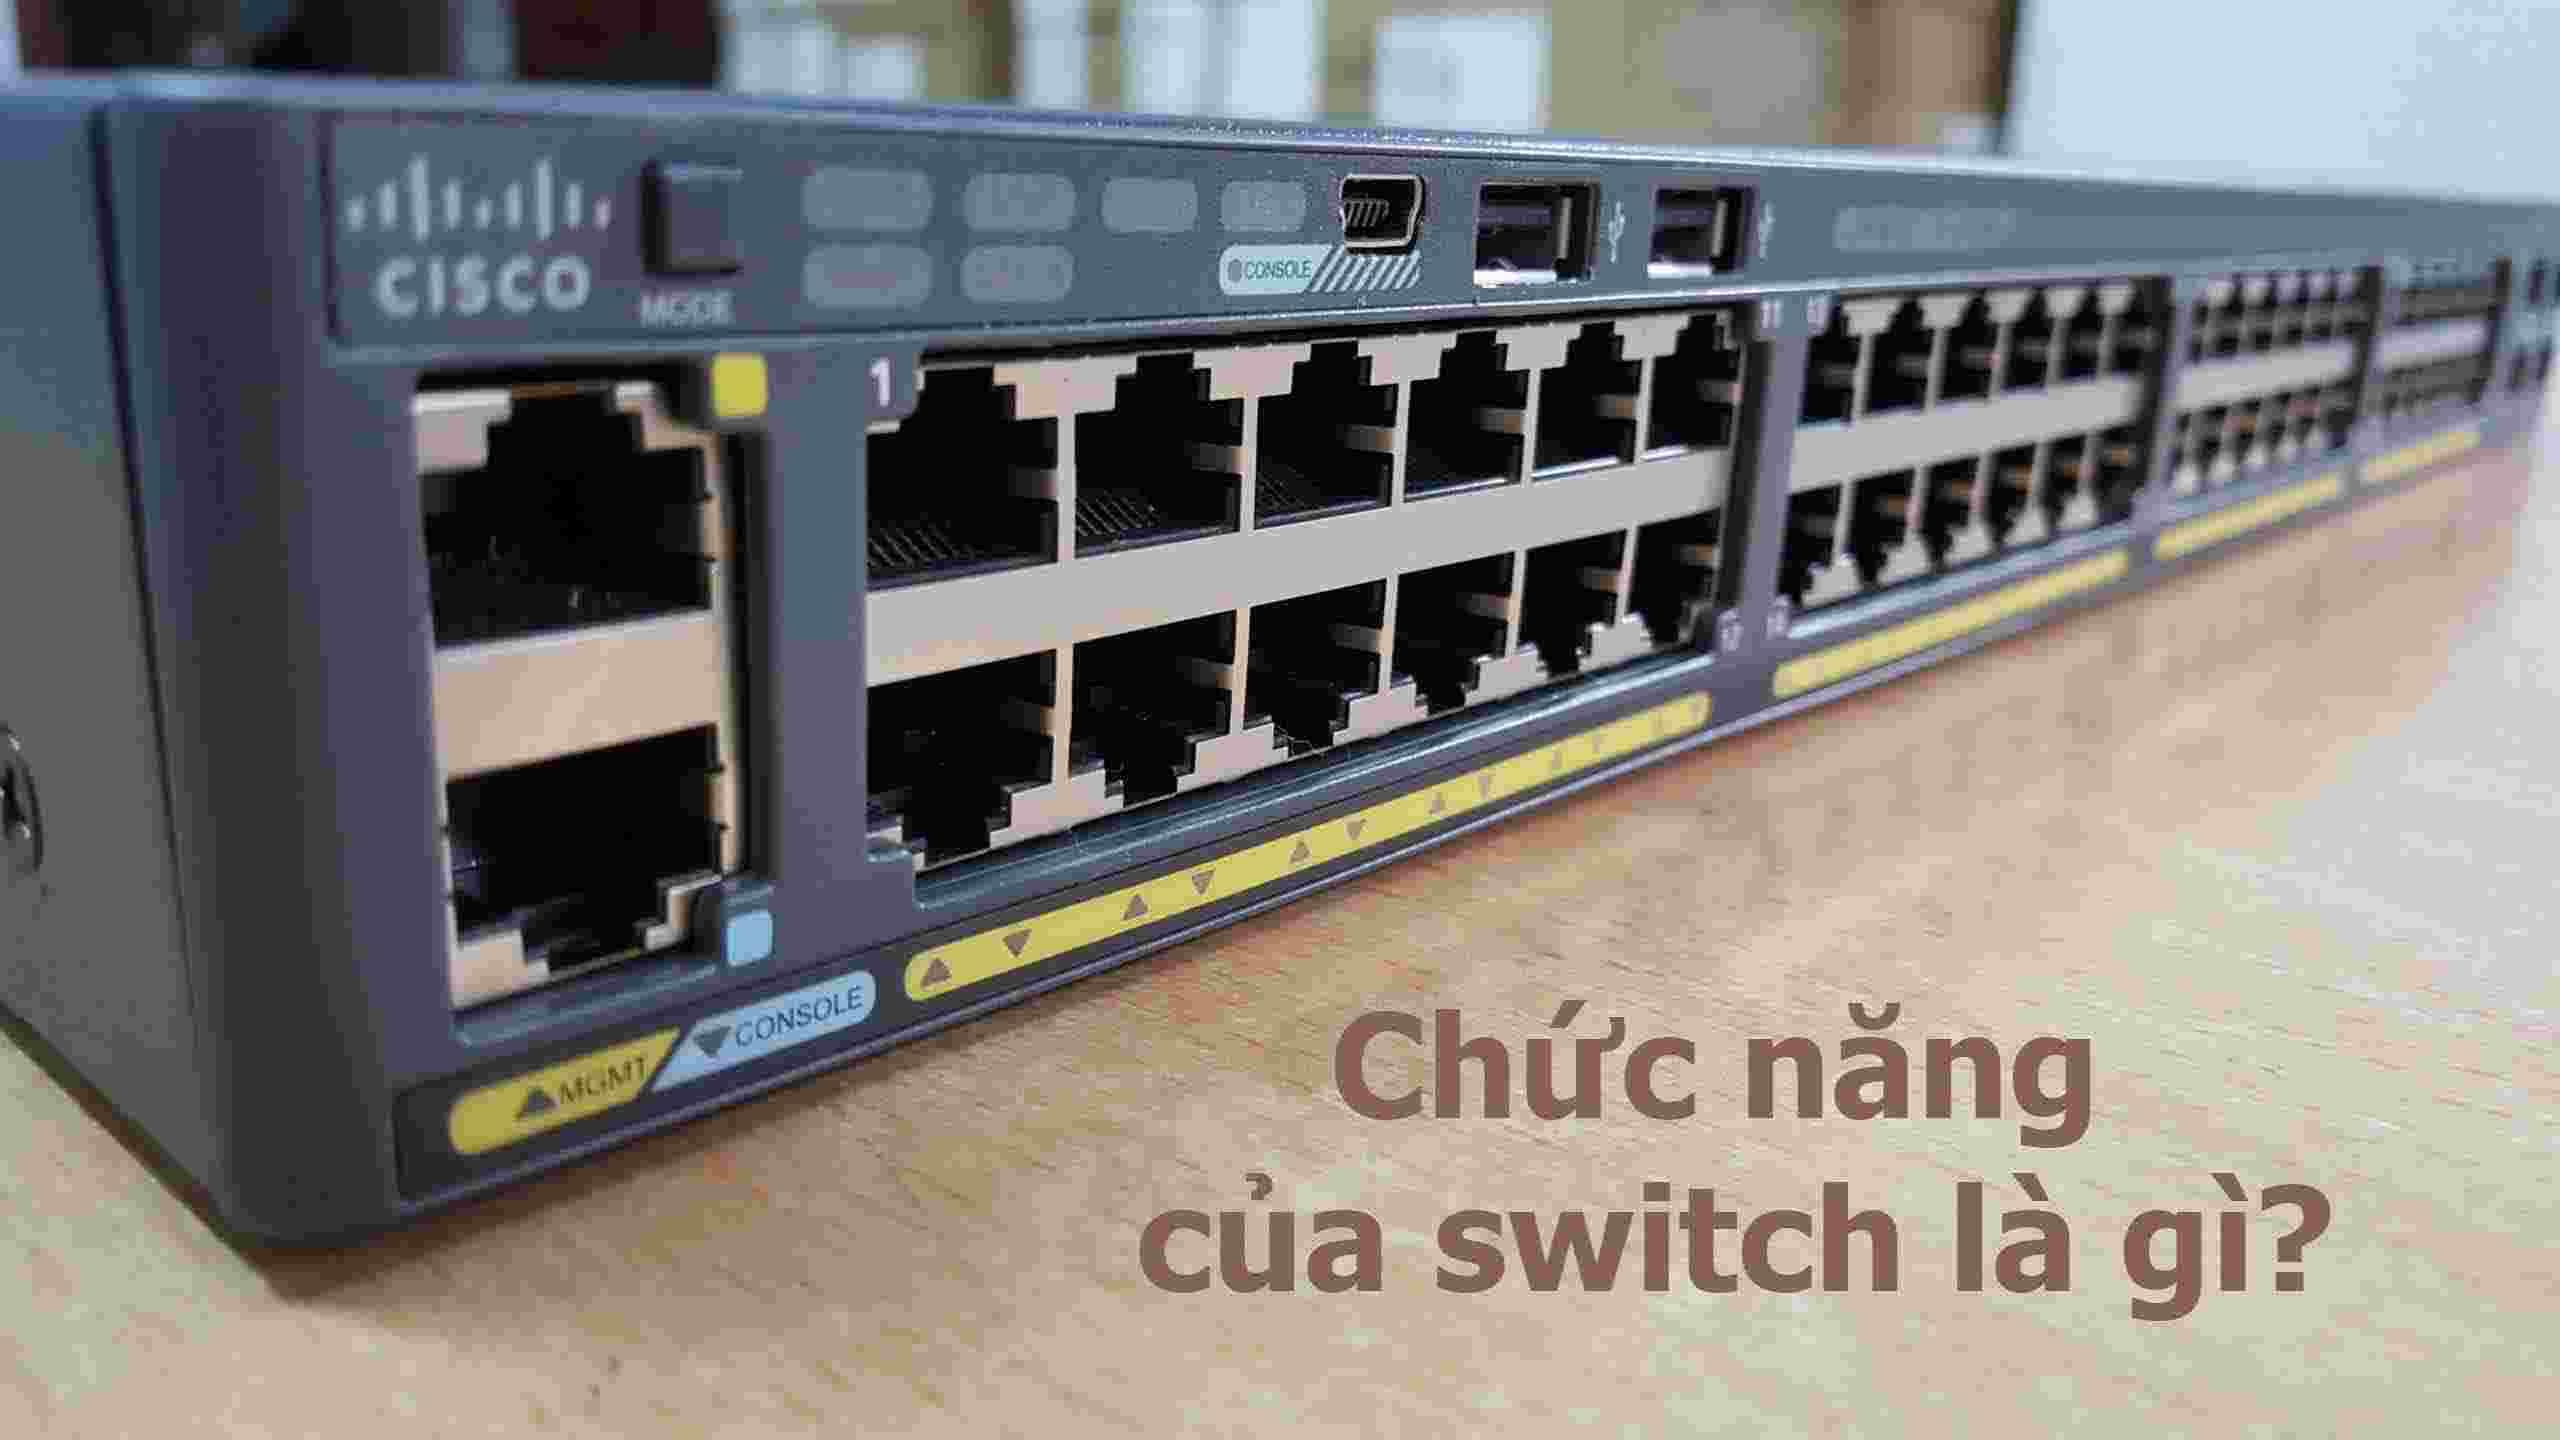 Chức năng của switch mạng là gì?